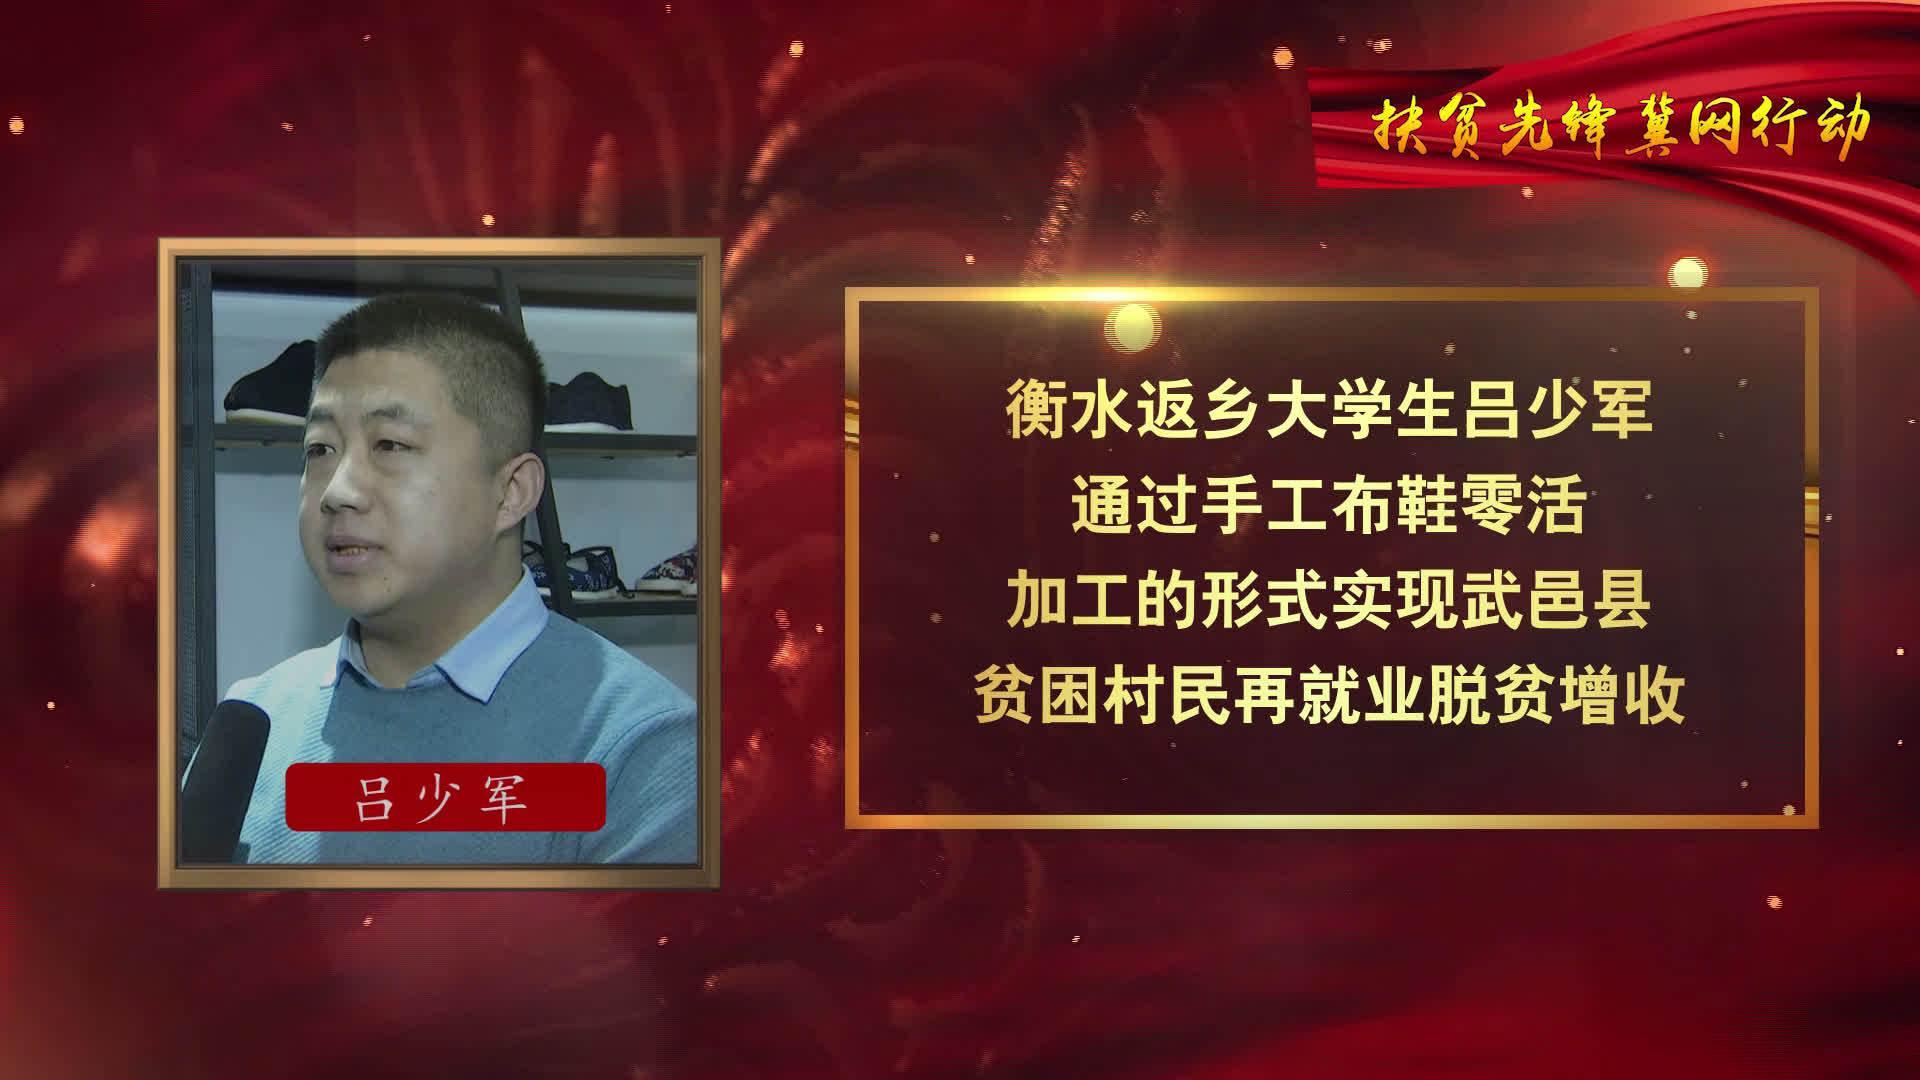 河北省衡水市武邑县返乡大学生吕少军于2014年3月成立手工制品有限公司……